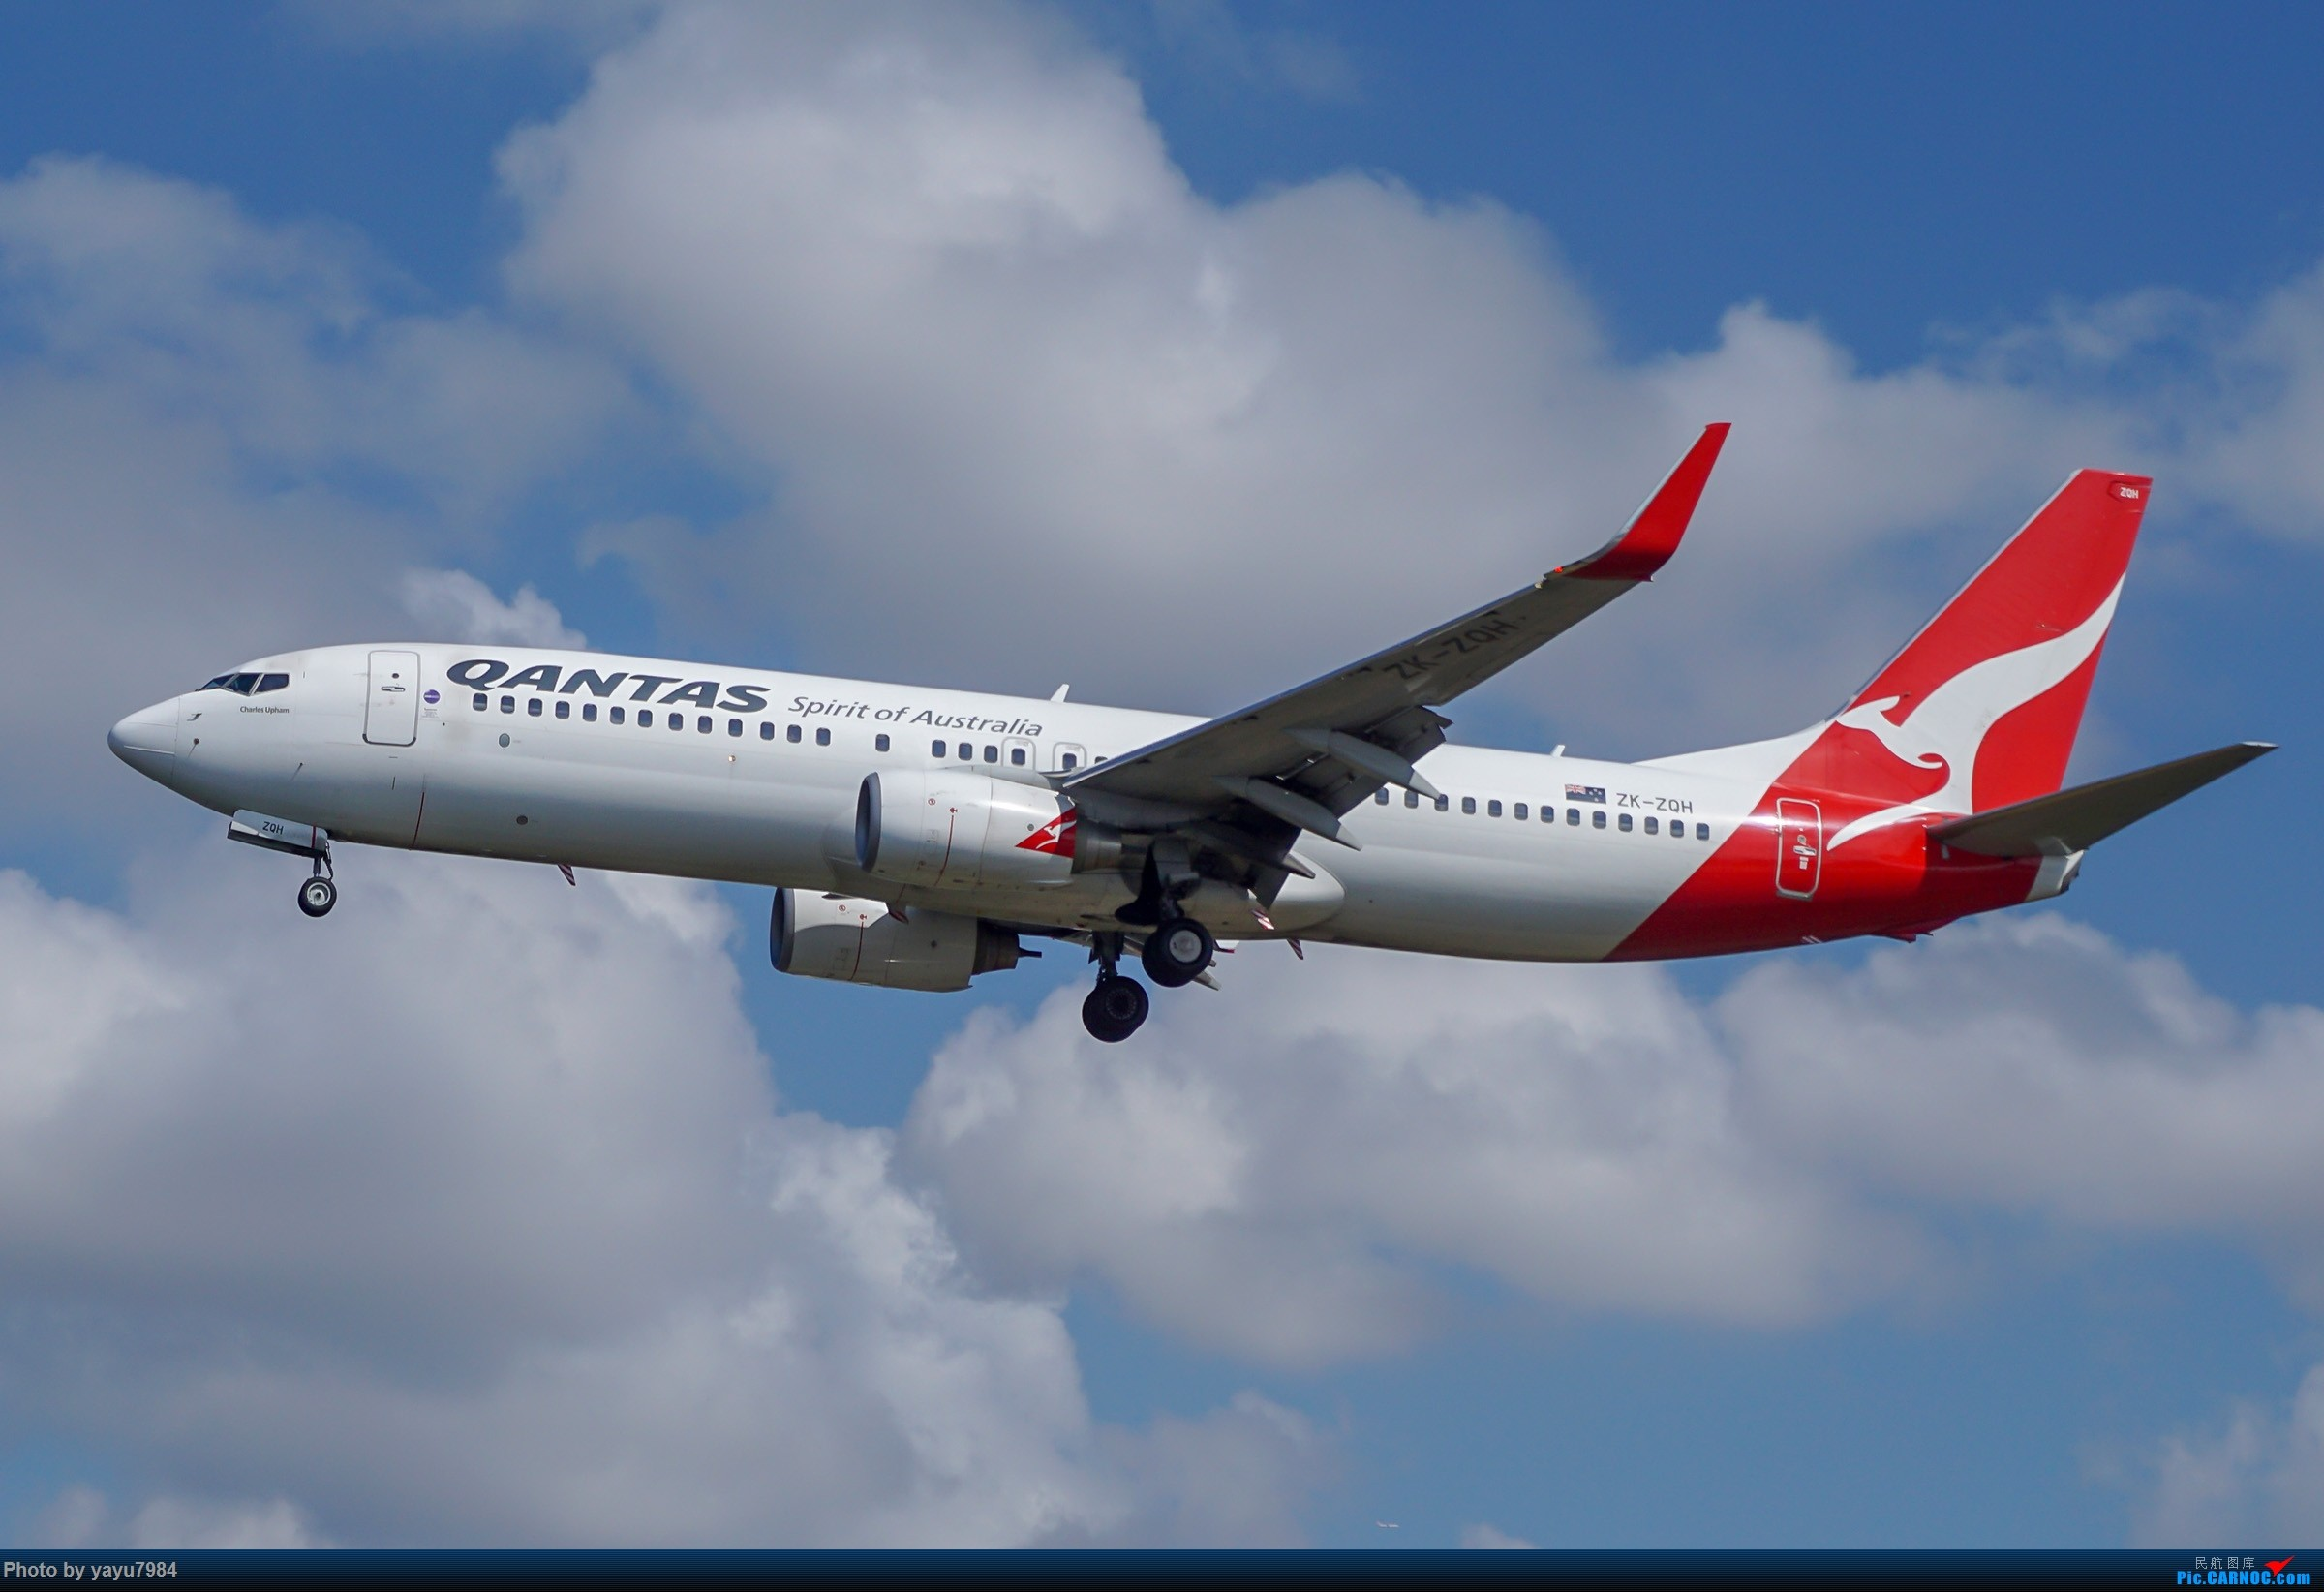 Re:[原创][SYD] 东航天合332,雪绒花343,华航蓝鹊,以及其他日常货 BOEING 737-800 ZK-ZQH 澳大利亚悉尼金斯福德·史密斯机场